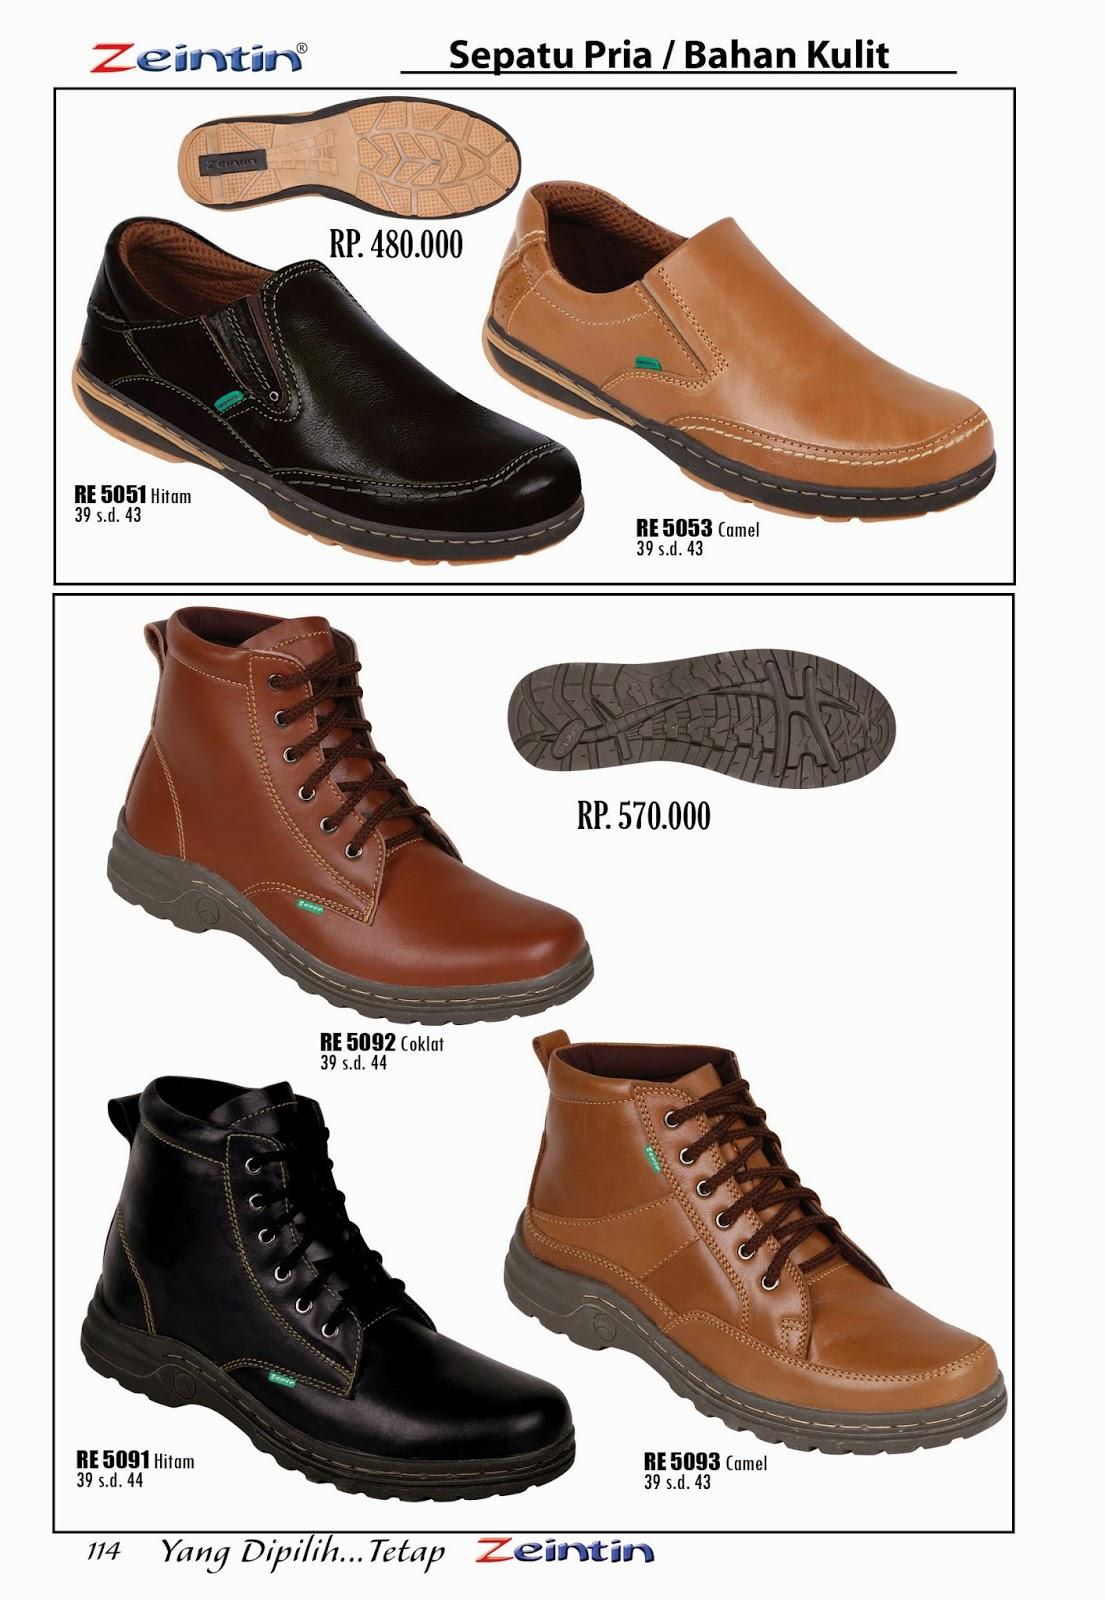 Sepatu Kulit Zeintin